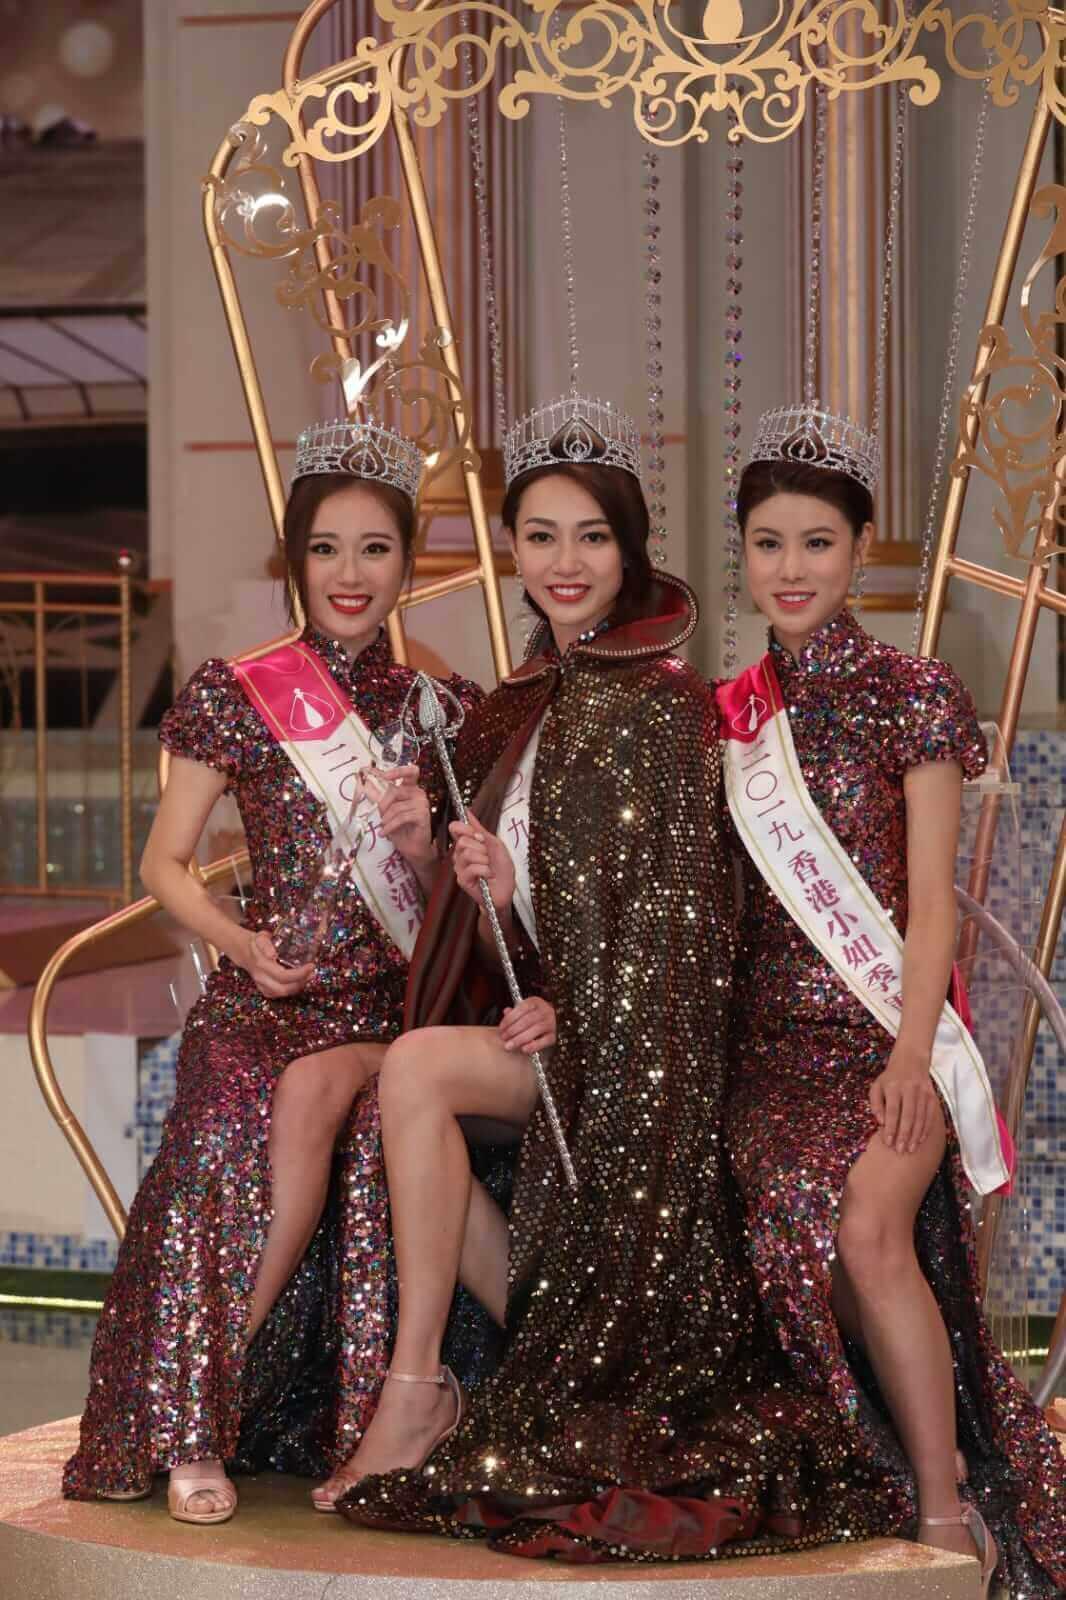 去年的《香港小姐》三甲黃嘉雯、王菲及古佩玲將會成為「兩屆港姐」。